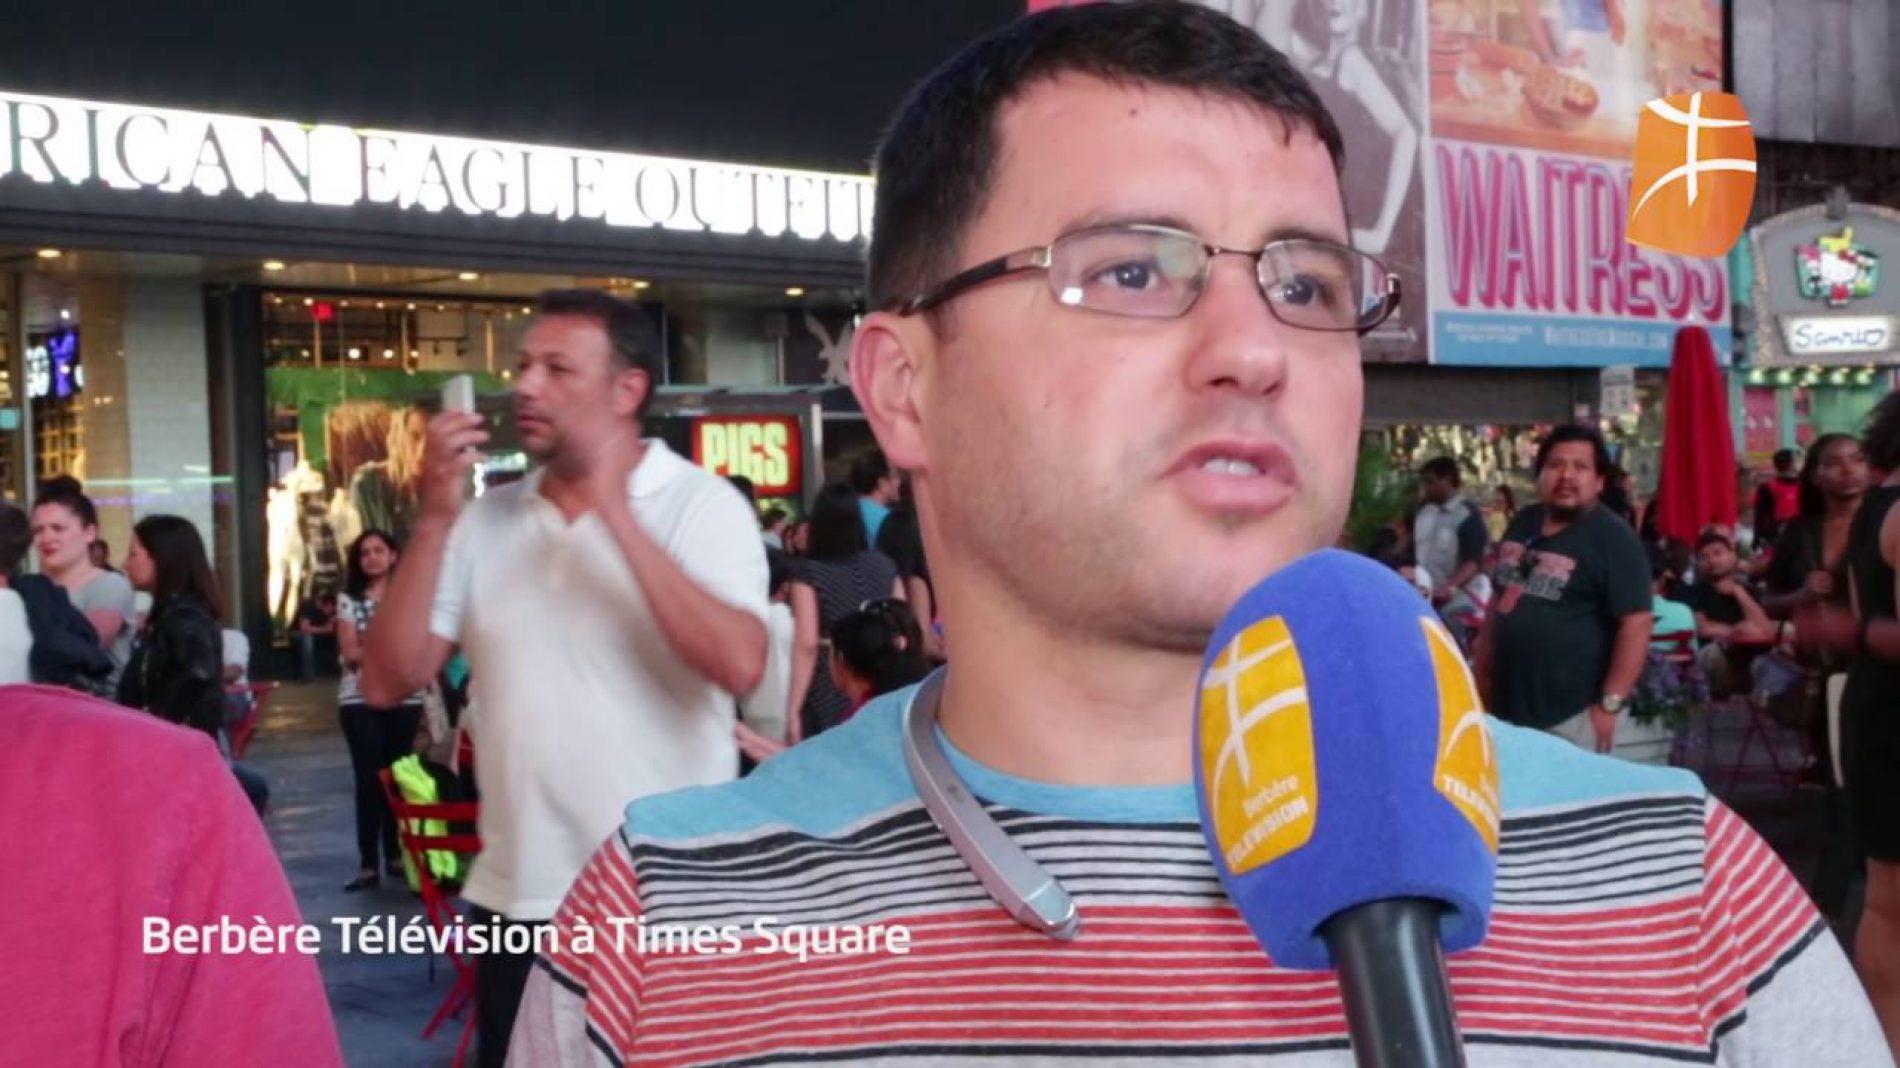 Une petite balade à Times Square (New York city) avec Berbère Télévision